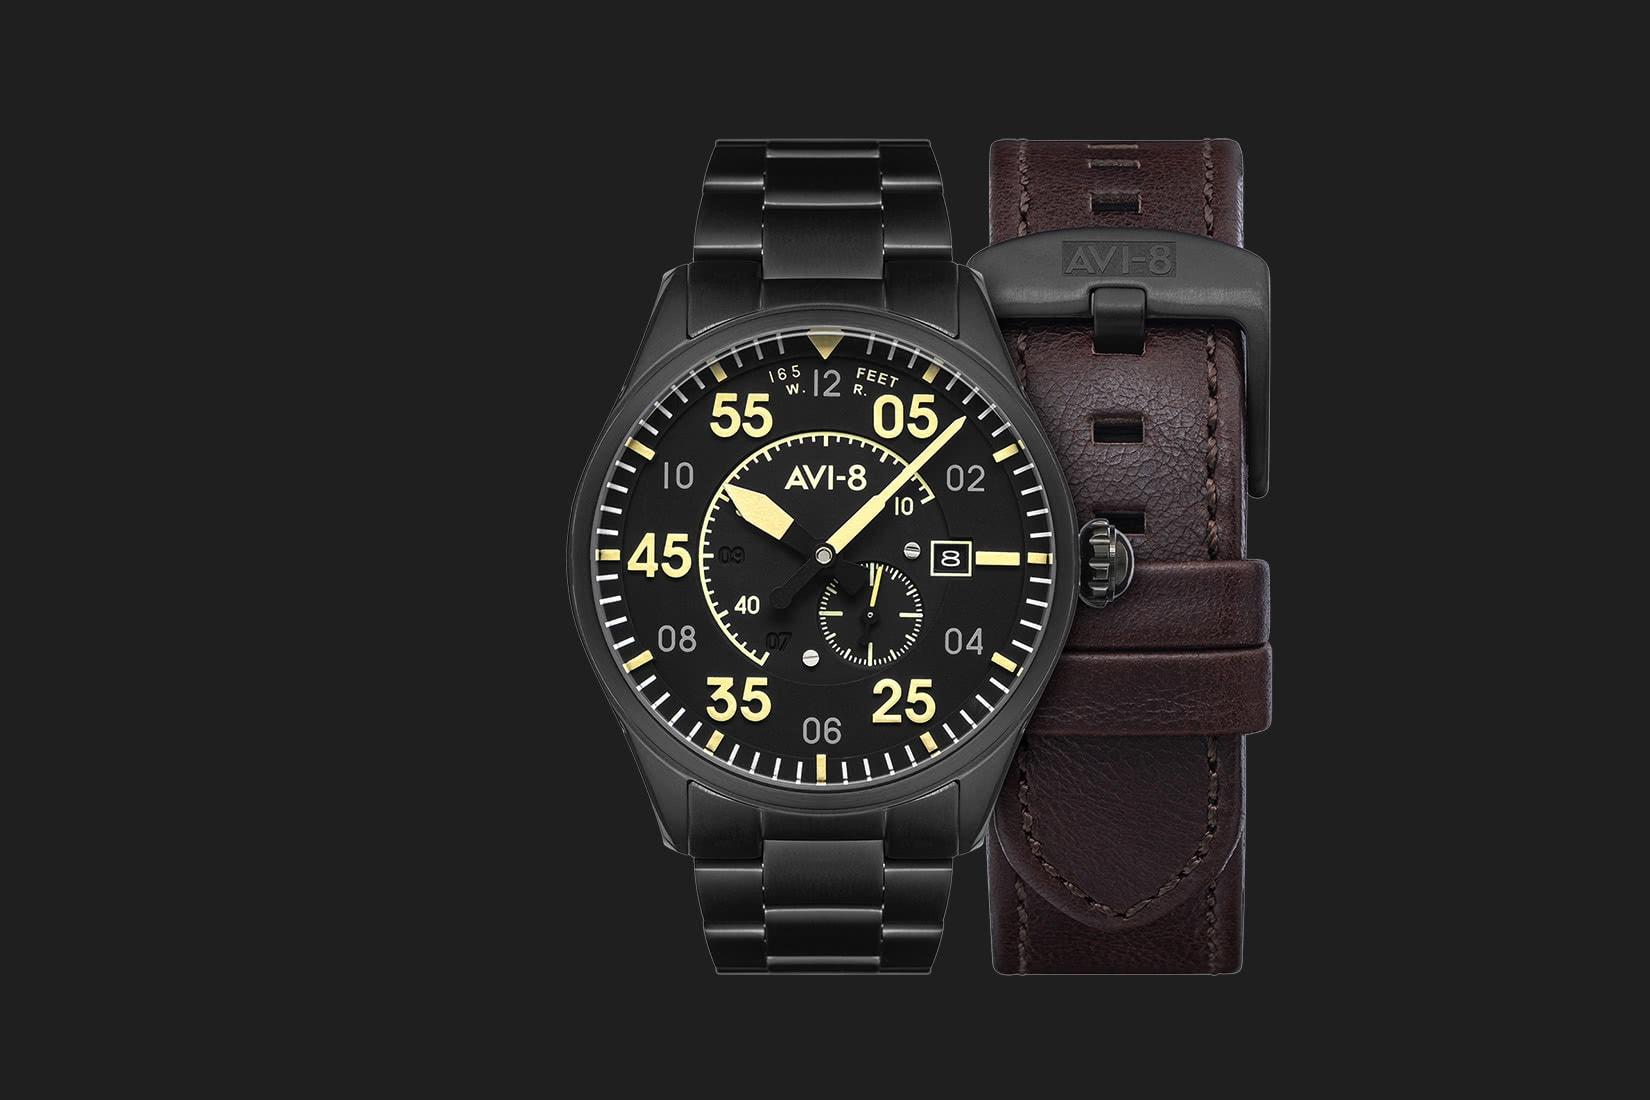 best men watches avi-8 type 300 review - Luxe Digital